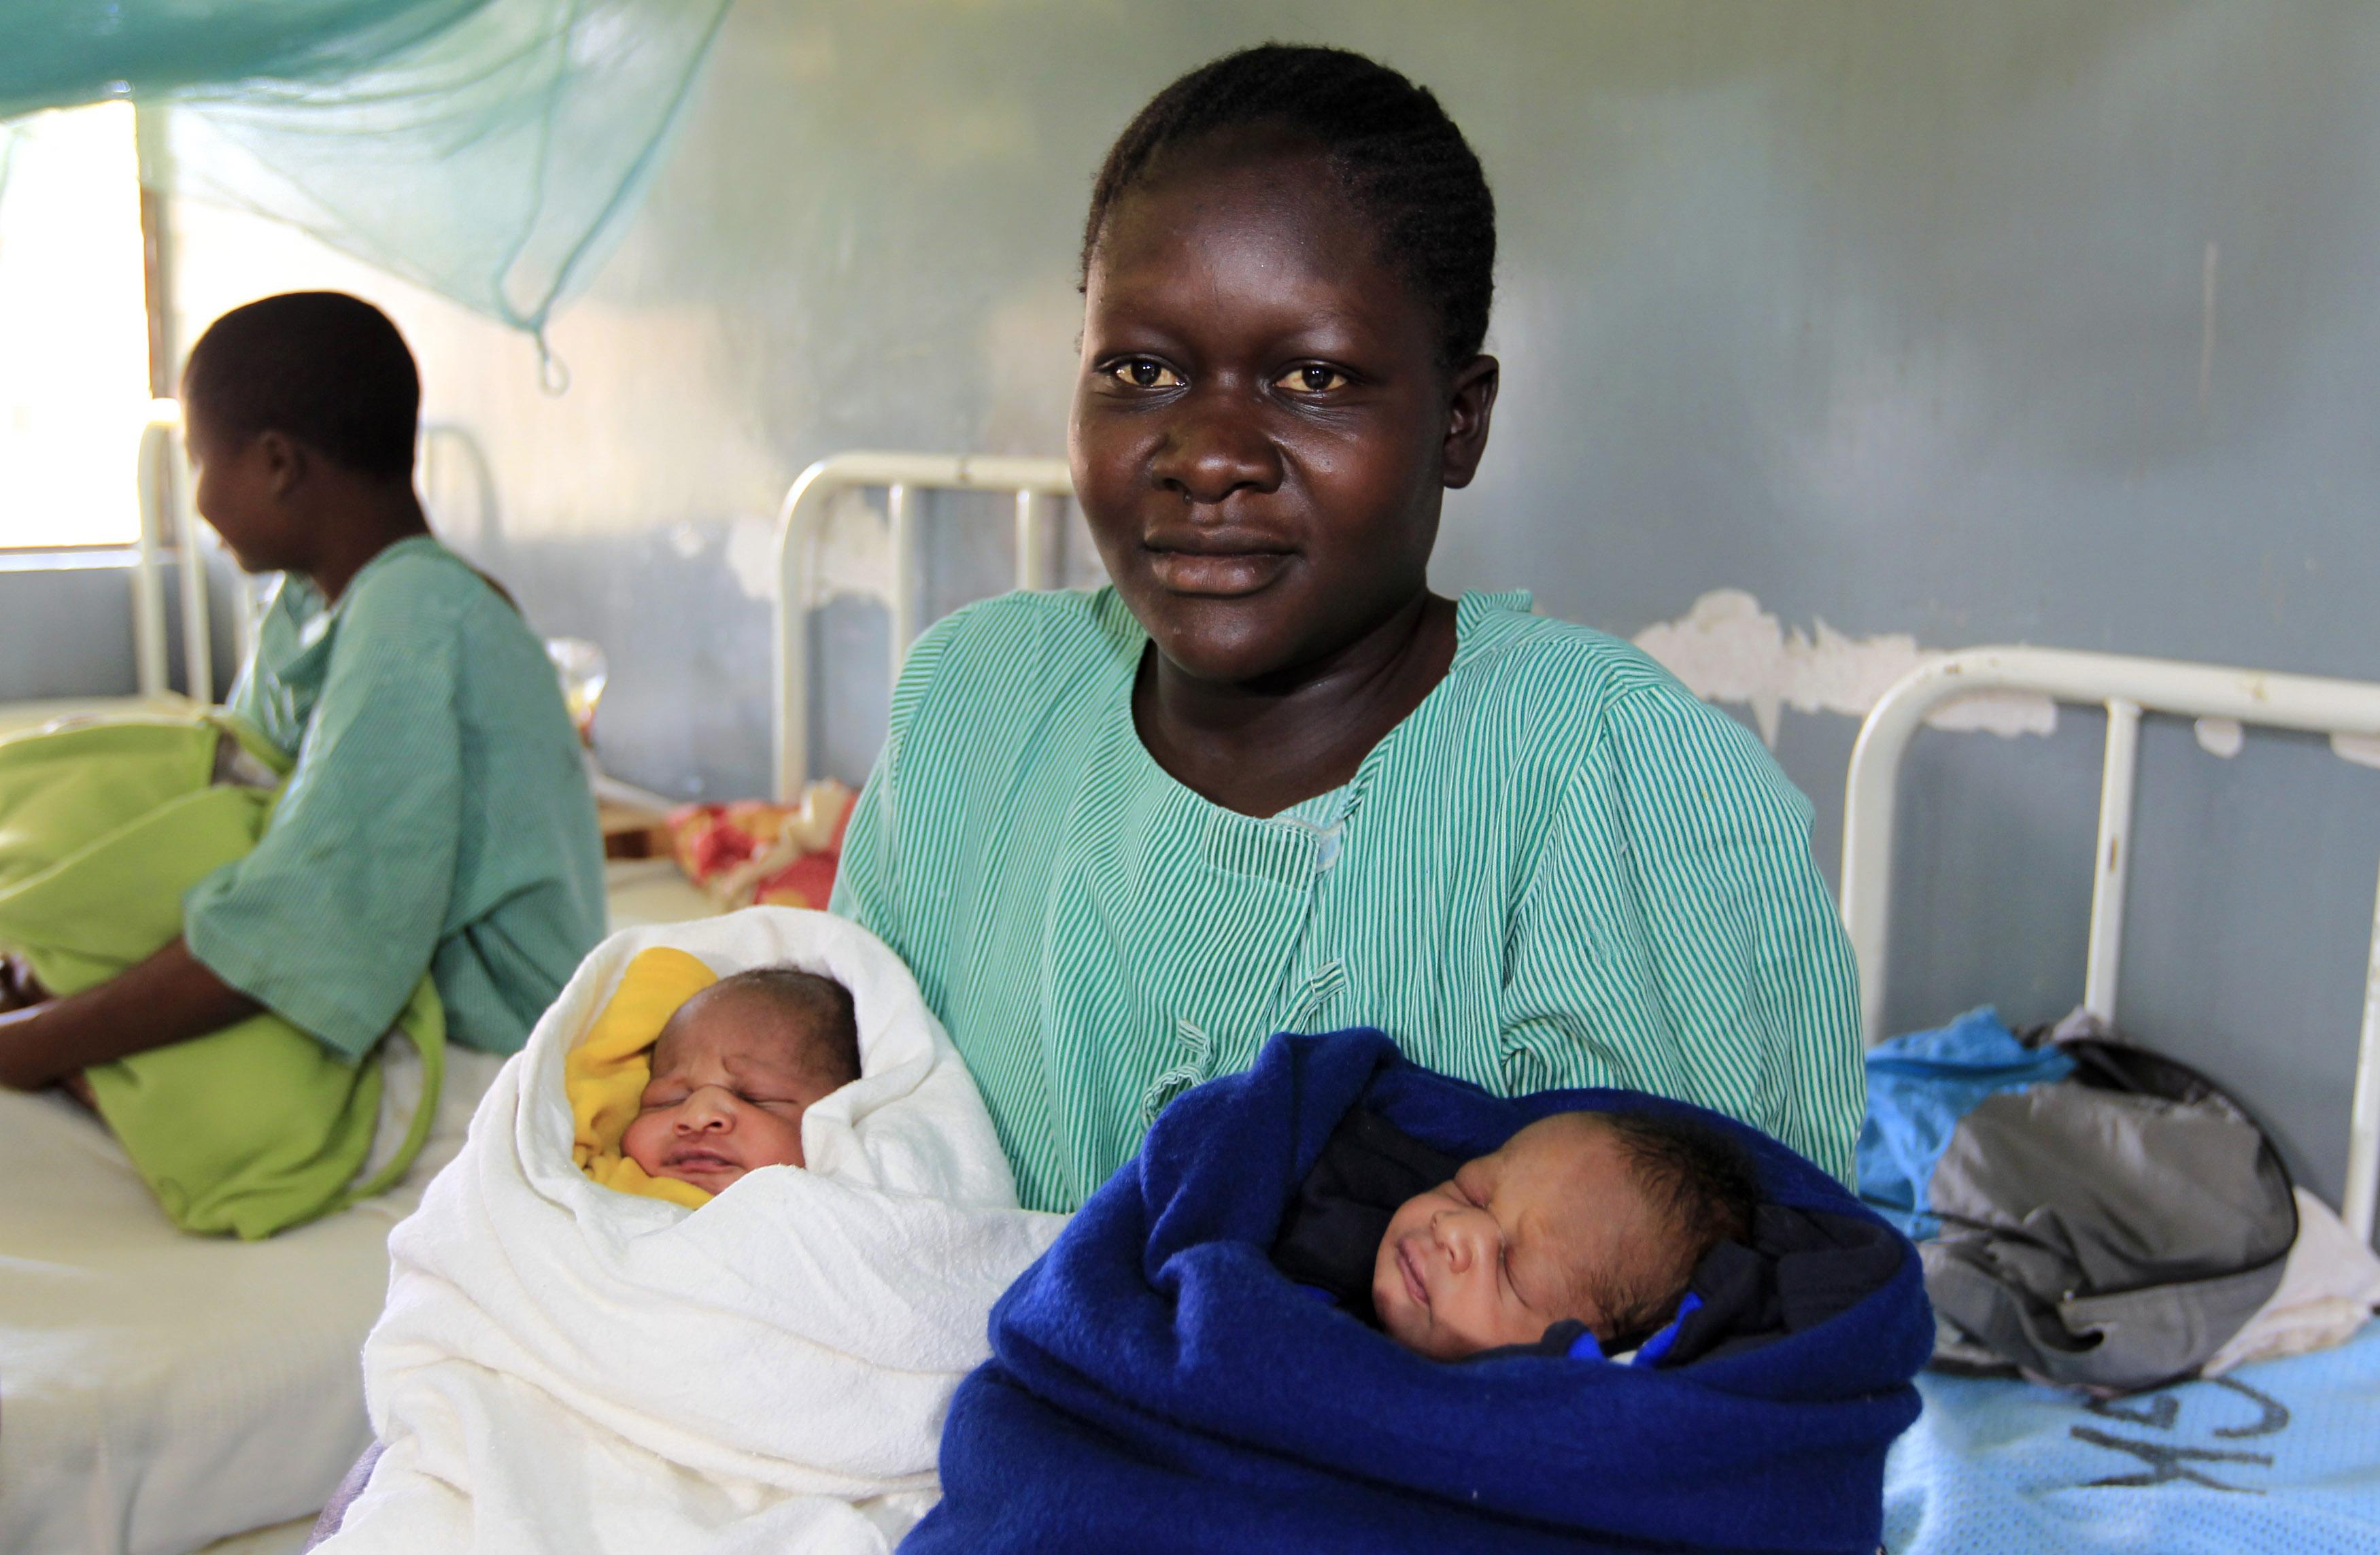 Кенийка назвала близнецов Бараком Обамой и Миттом Ромни